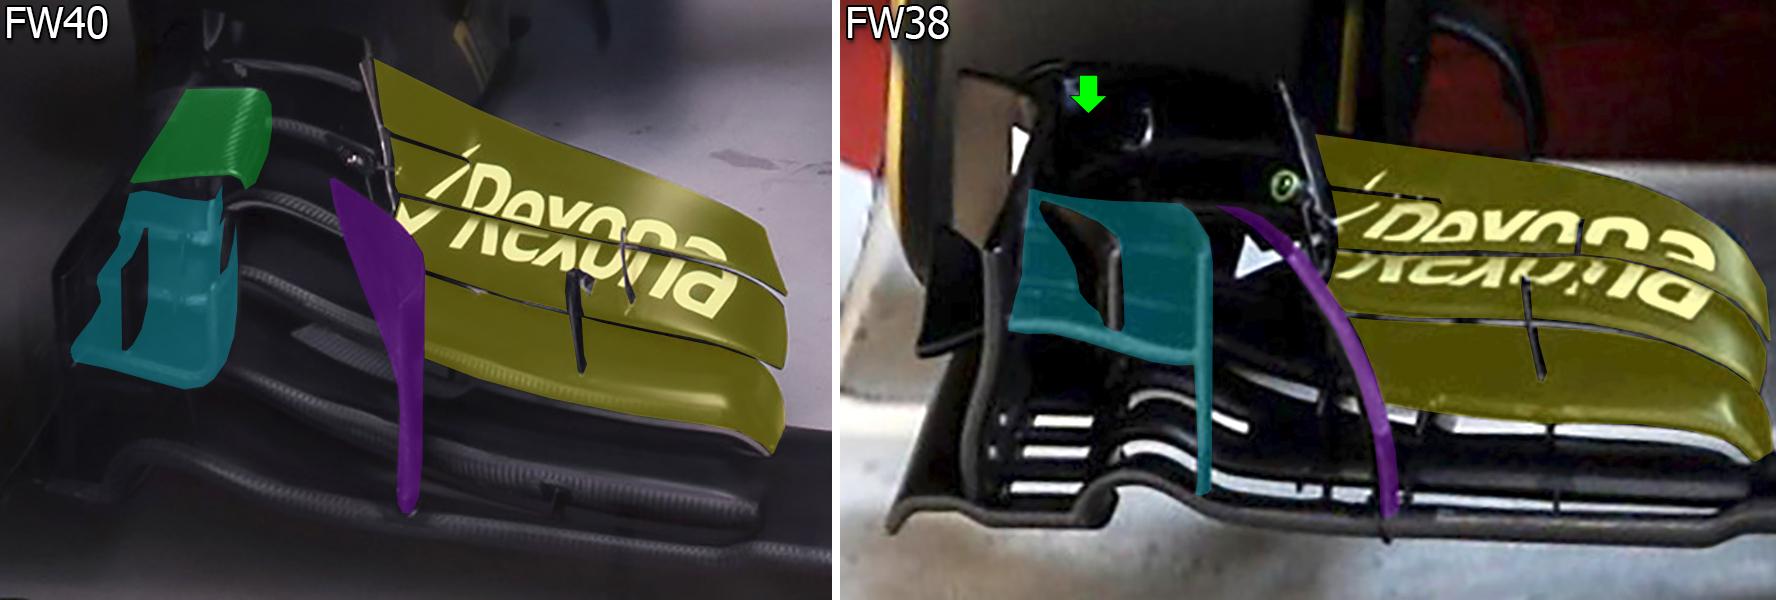 fw40-fw